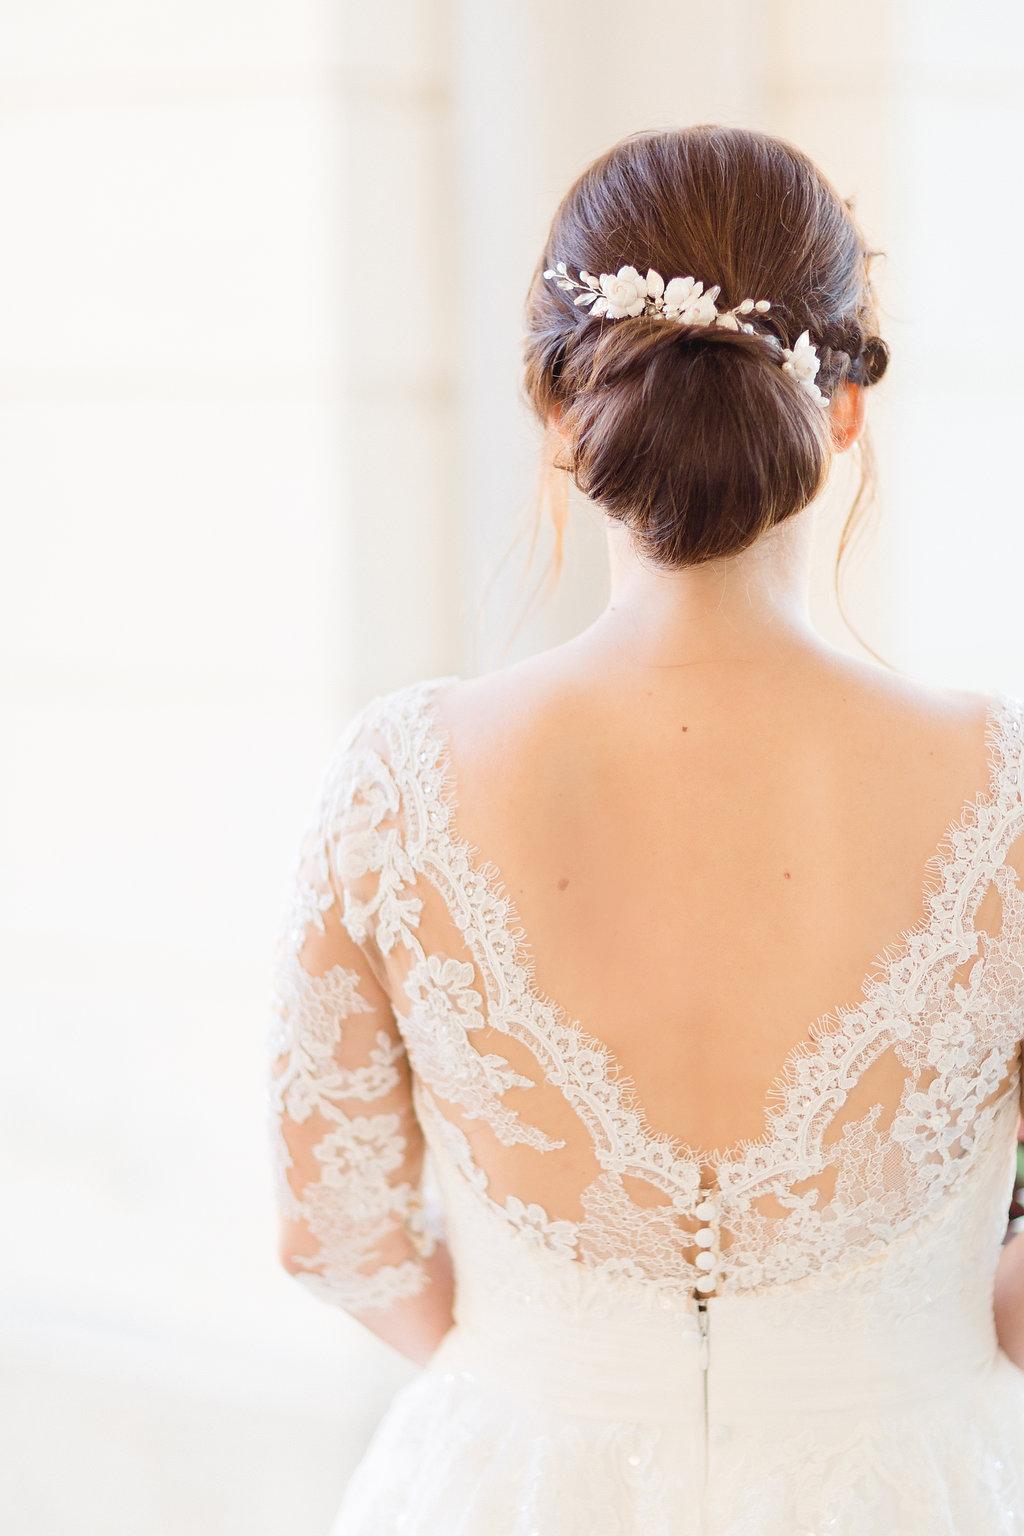 Brautfrisur hochgesteckt mit Haarschmuck, Brautfrisur lange Haare